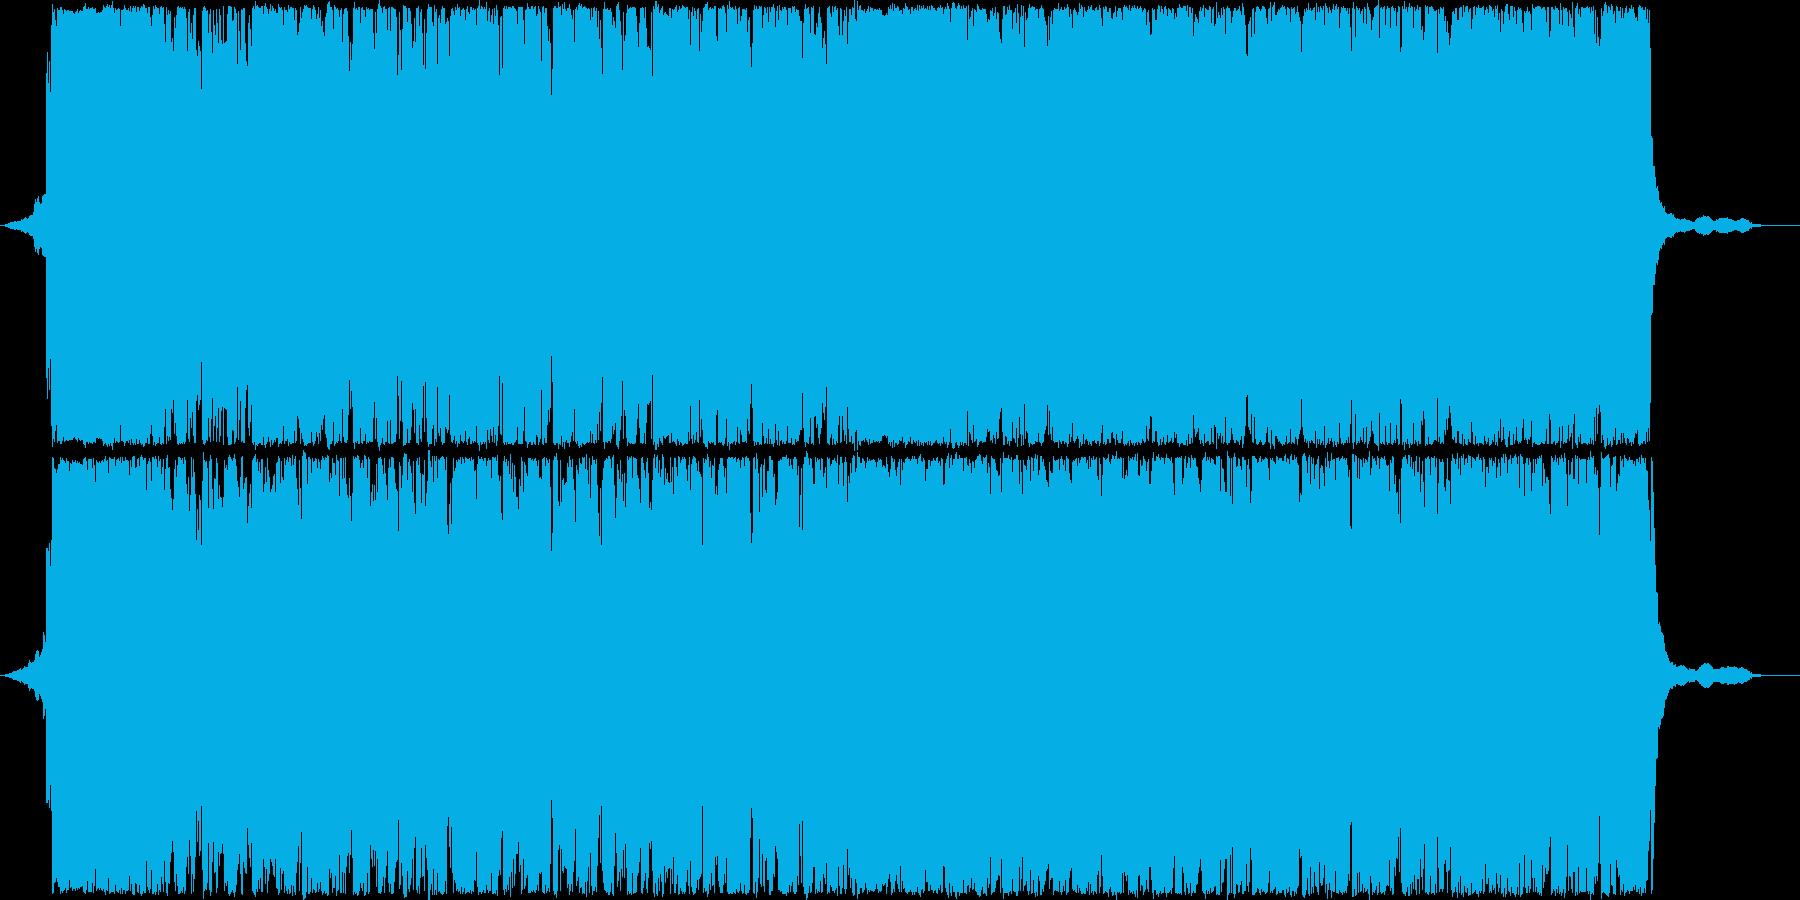 大河ドラマのオープニングのような曲の再生済みの波形